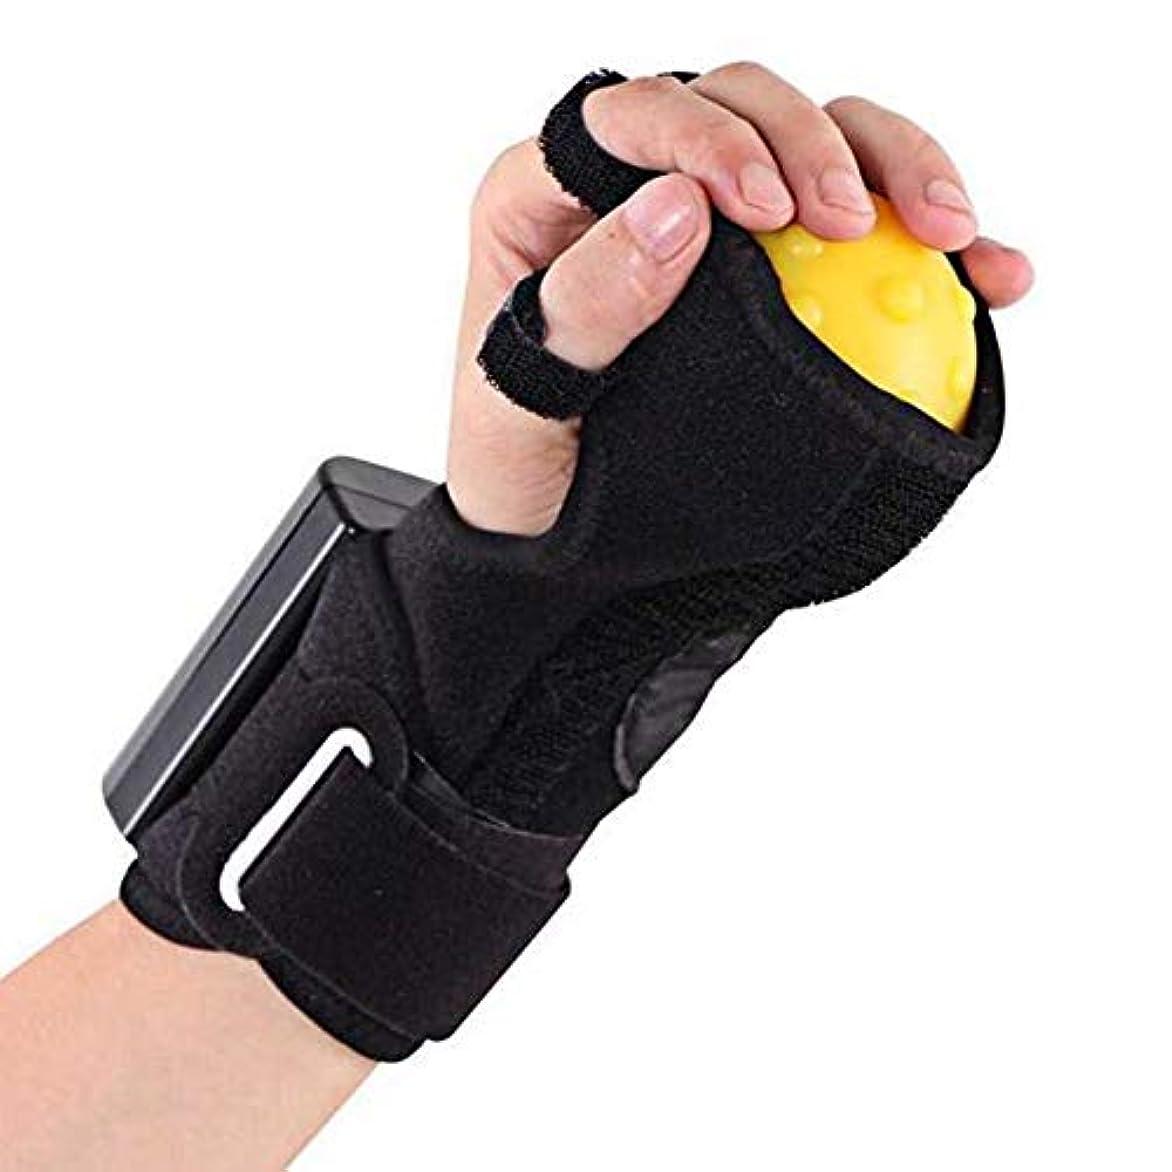 支払う薬治す電動ハンドマッサージボールホットコンプレッサーと抗痙攣ボール有料指圧装置スプリント片麻痺の指回復マッサージ療法